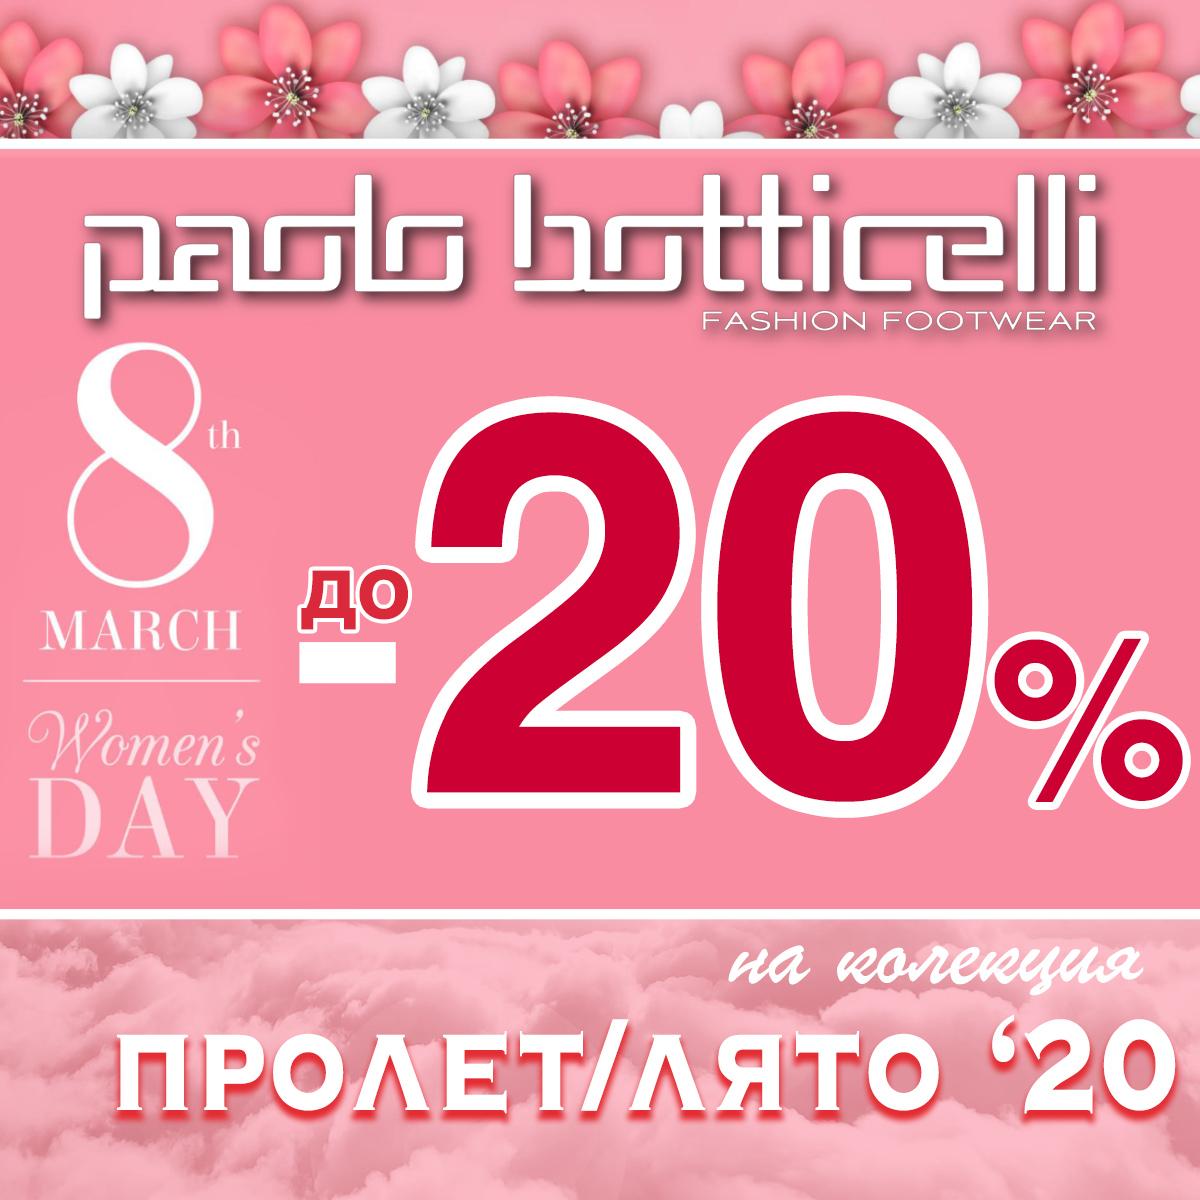 -20% намаление по случай 8-ми март в Paolo Botticelli